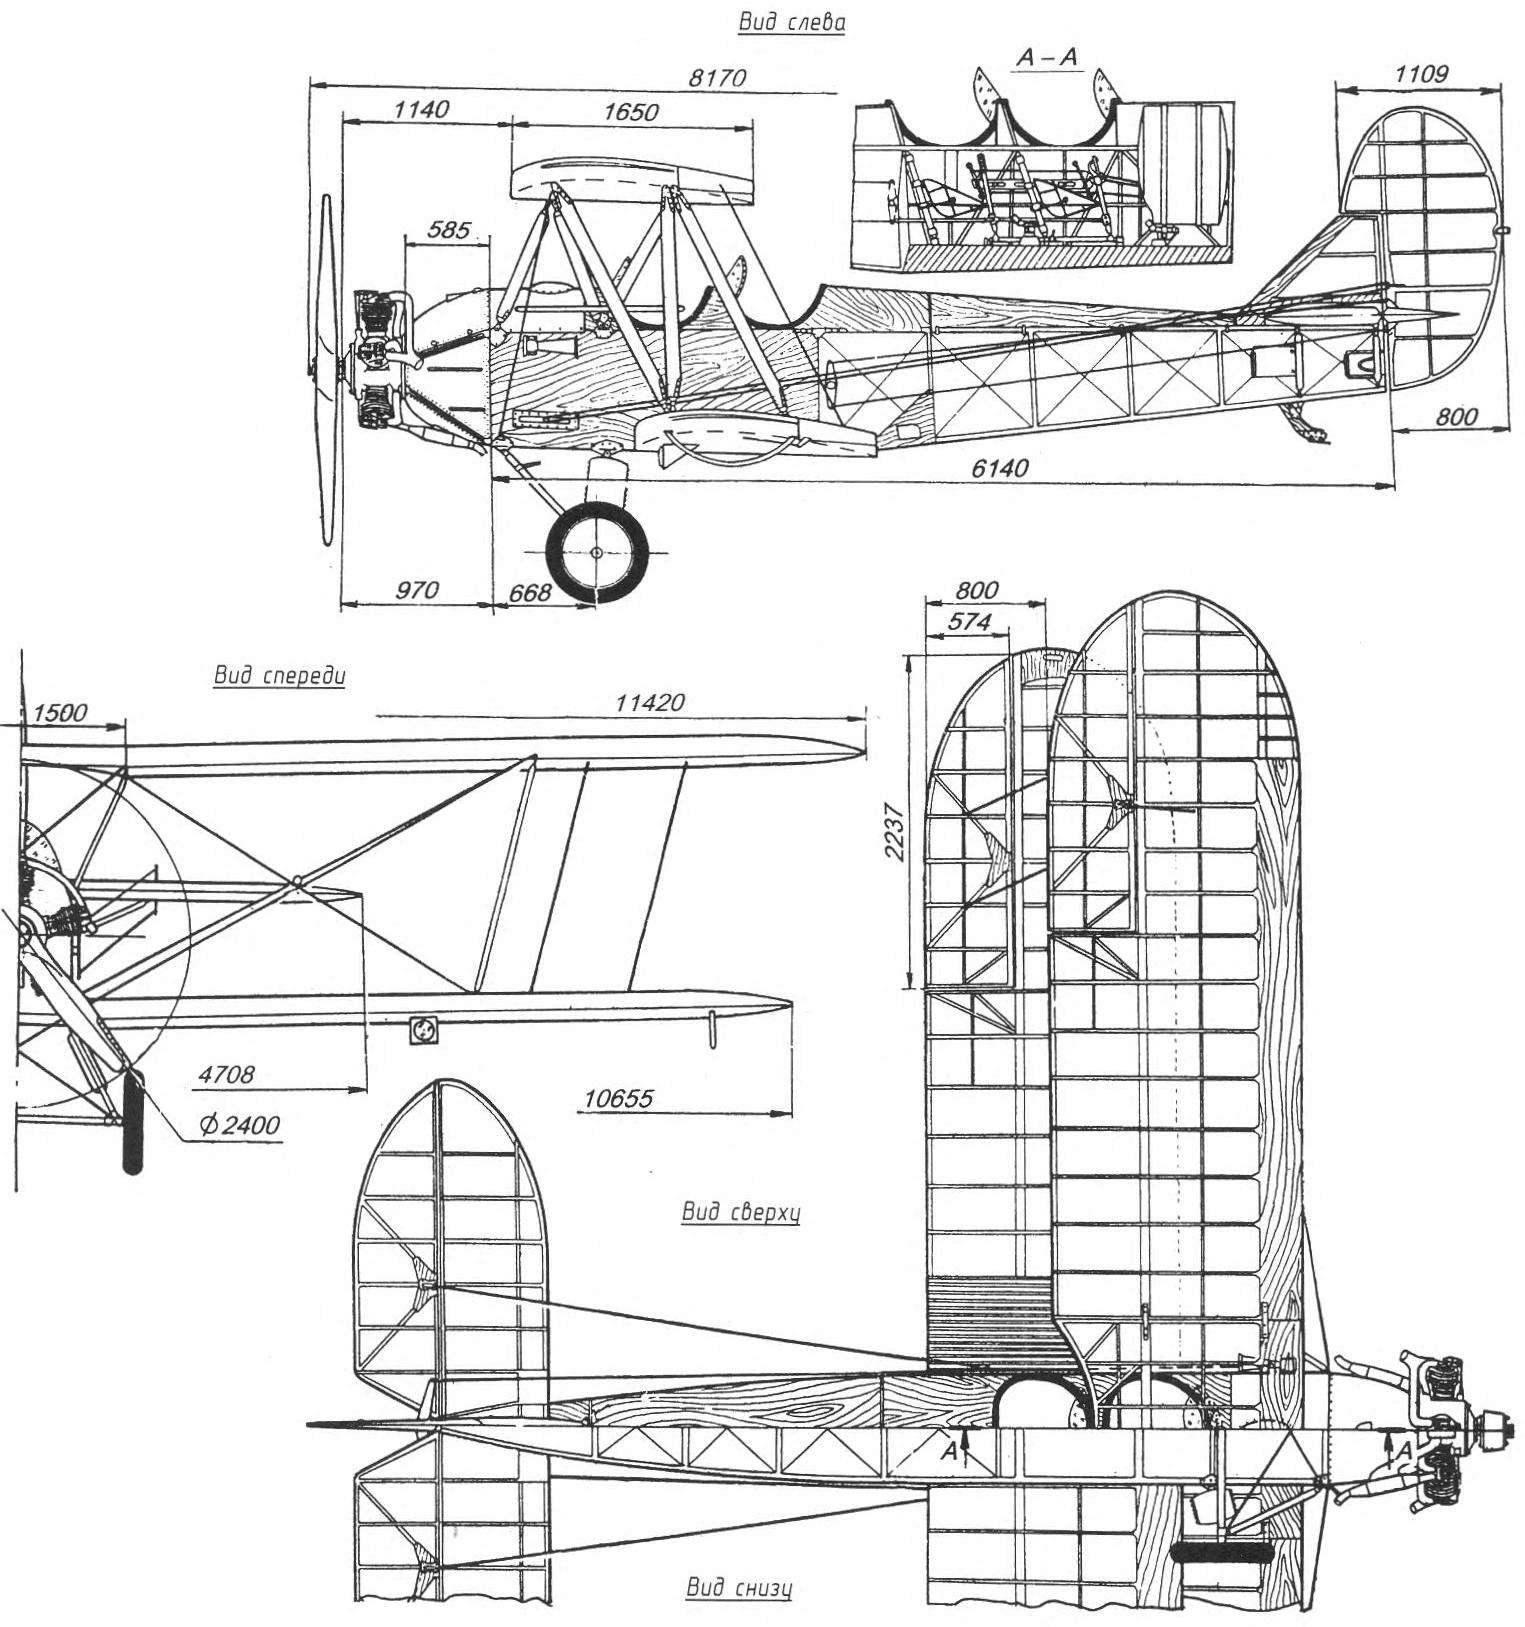 Прототип радиоуправляемого электролёта - учебный самолёт-биплан По-2 конструкции Н.Н.Поликарпова